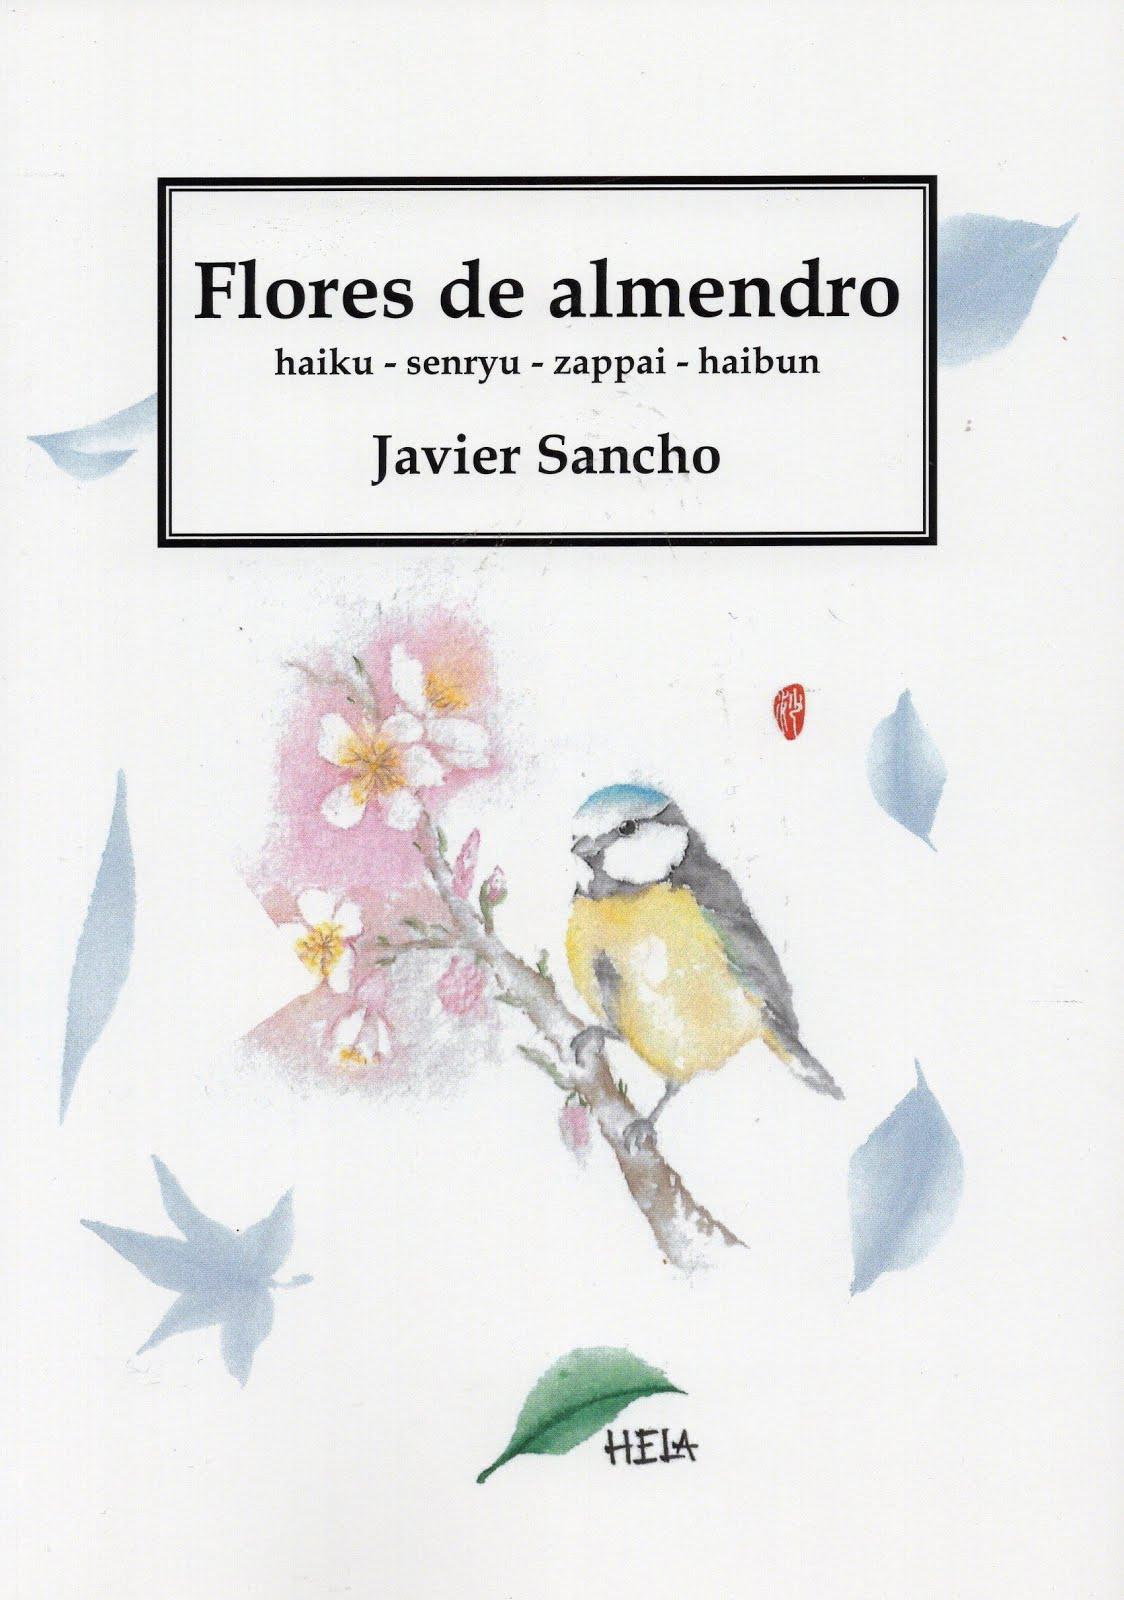 Flores de almendro, Javier Sancho. HELA colección Hojas de té